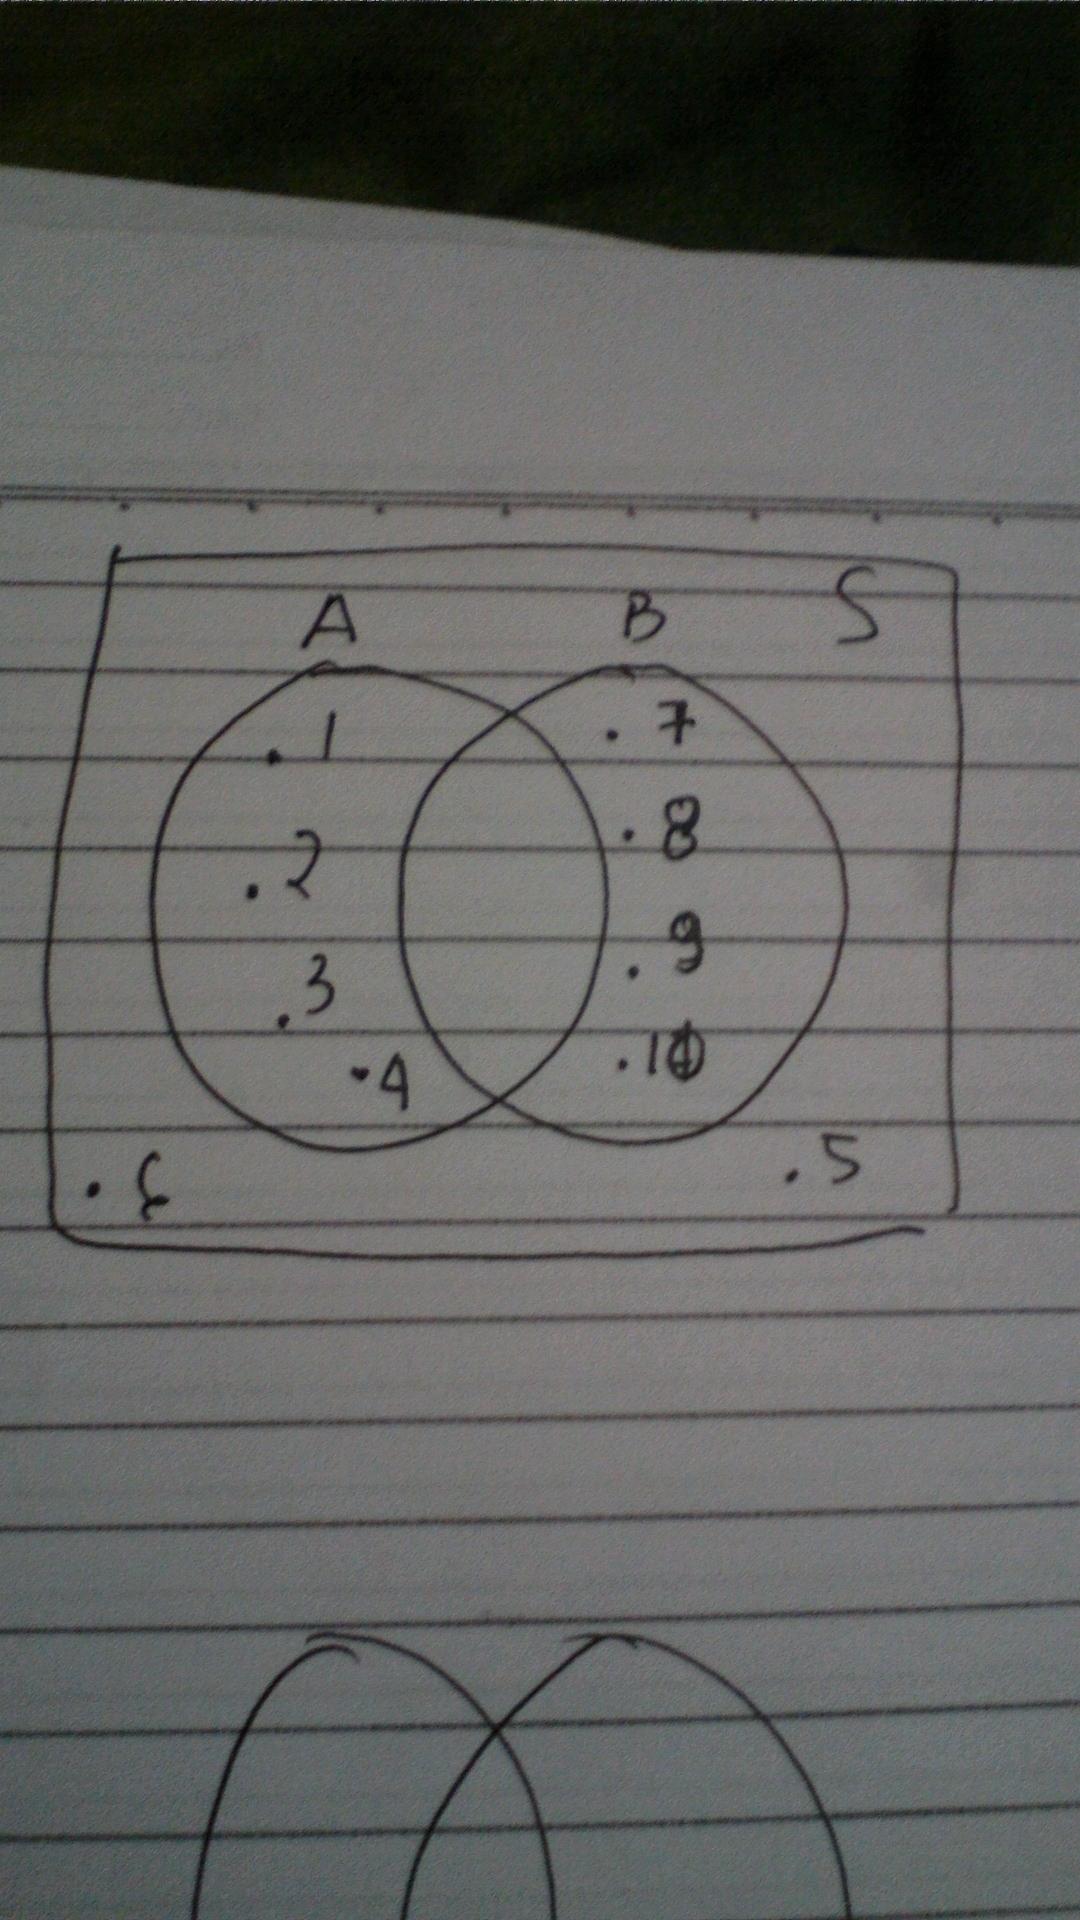 Jika Himpunan : himpunan, Gambarlah, Diagram, Himpunan, Adalah(1,2,3,4,5,6,7,8,9,10), Adalah(1,2,3,4), Brainly.co.id